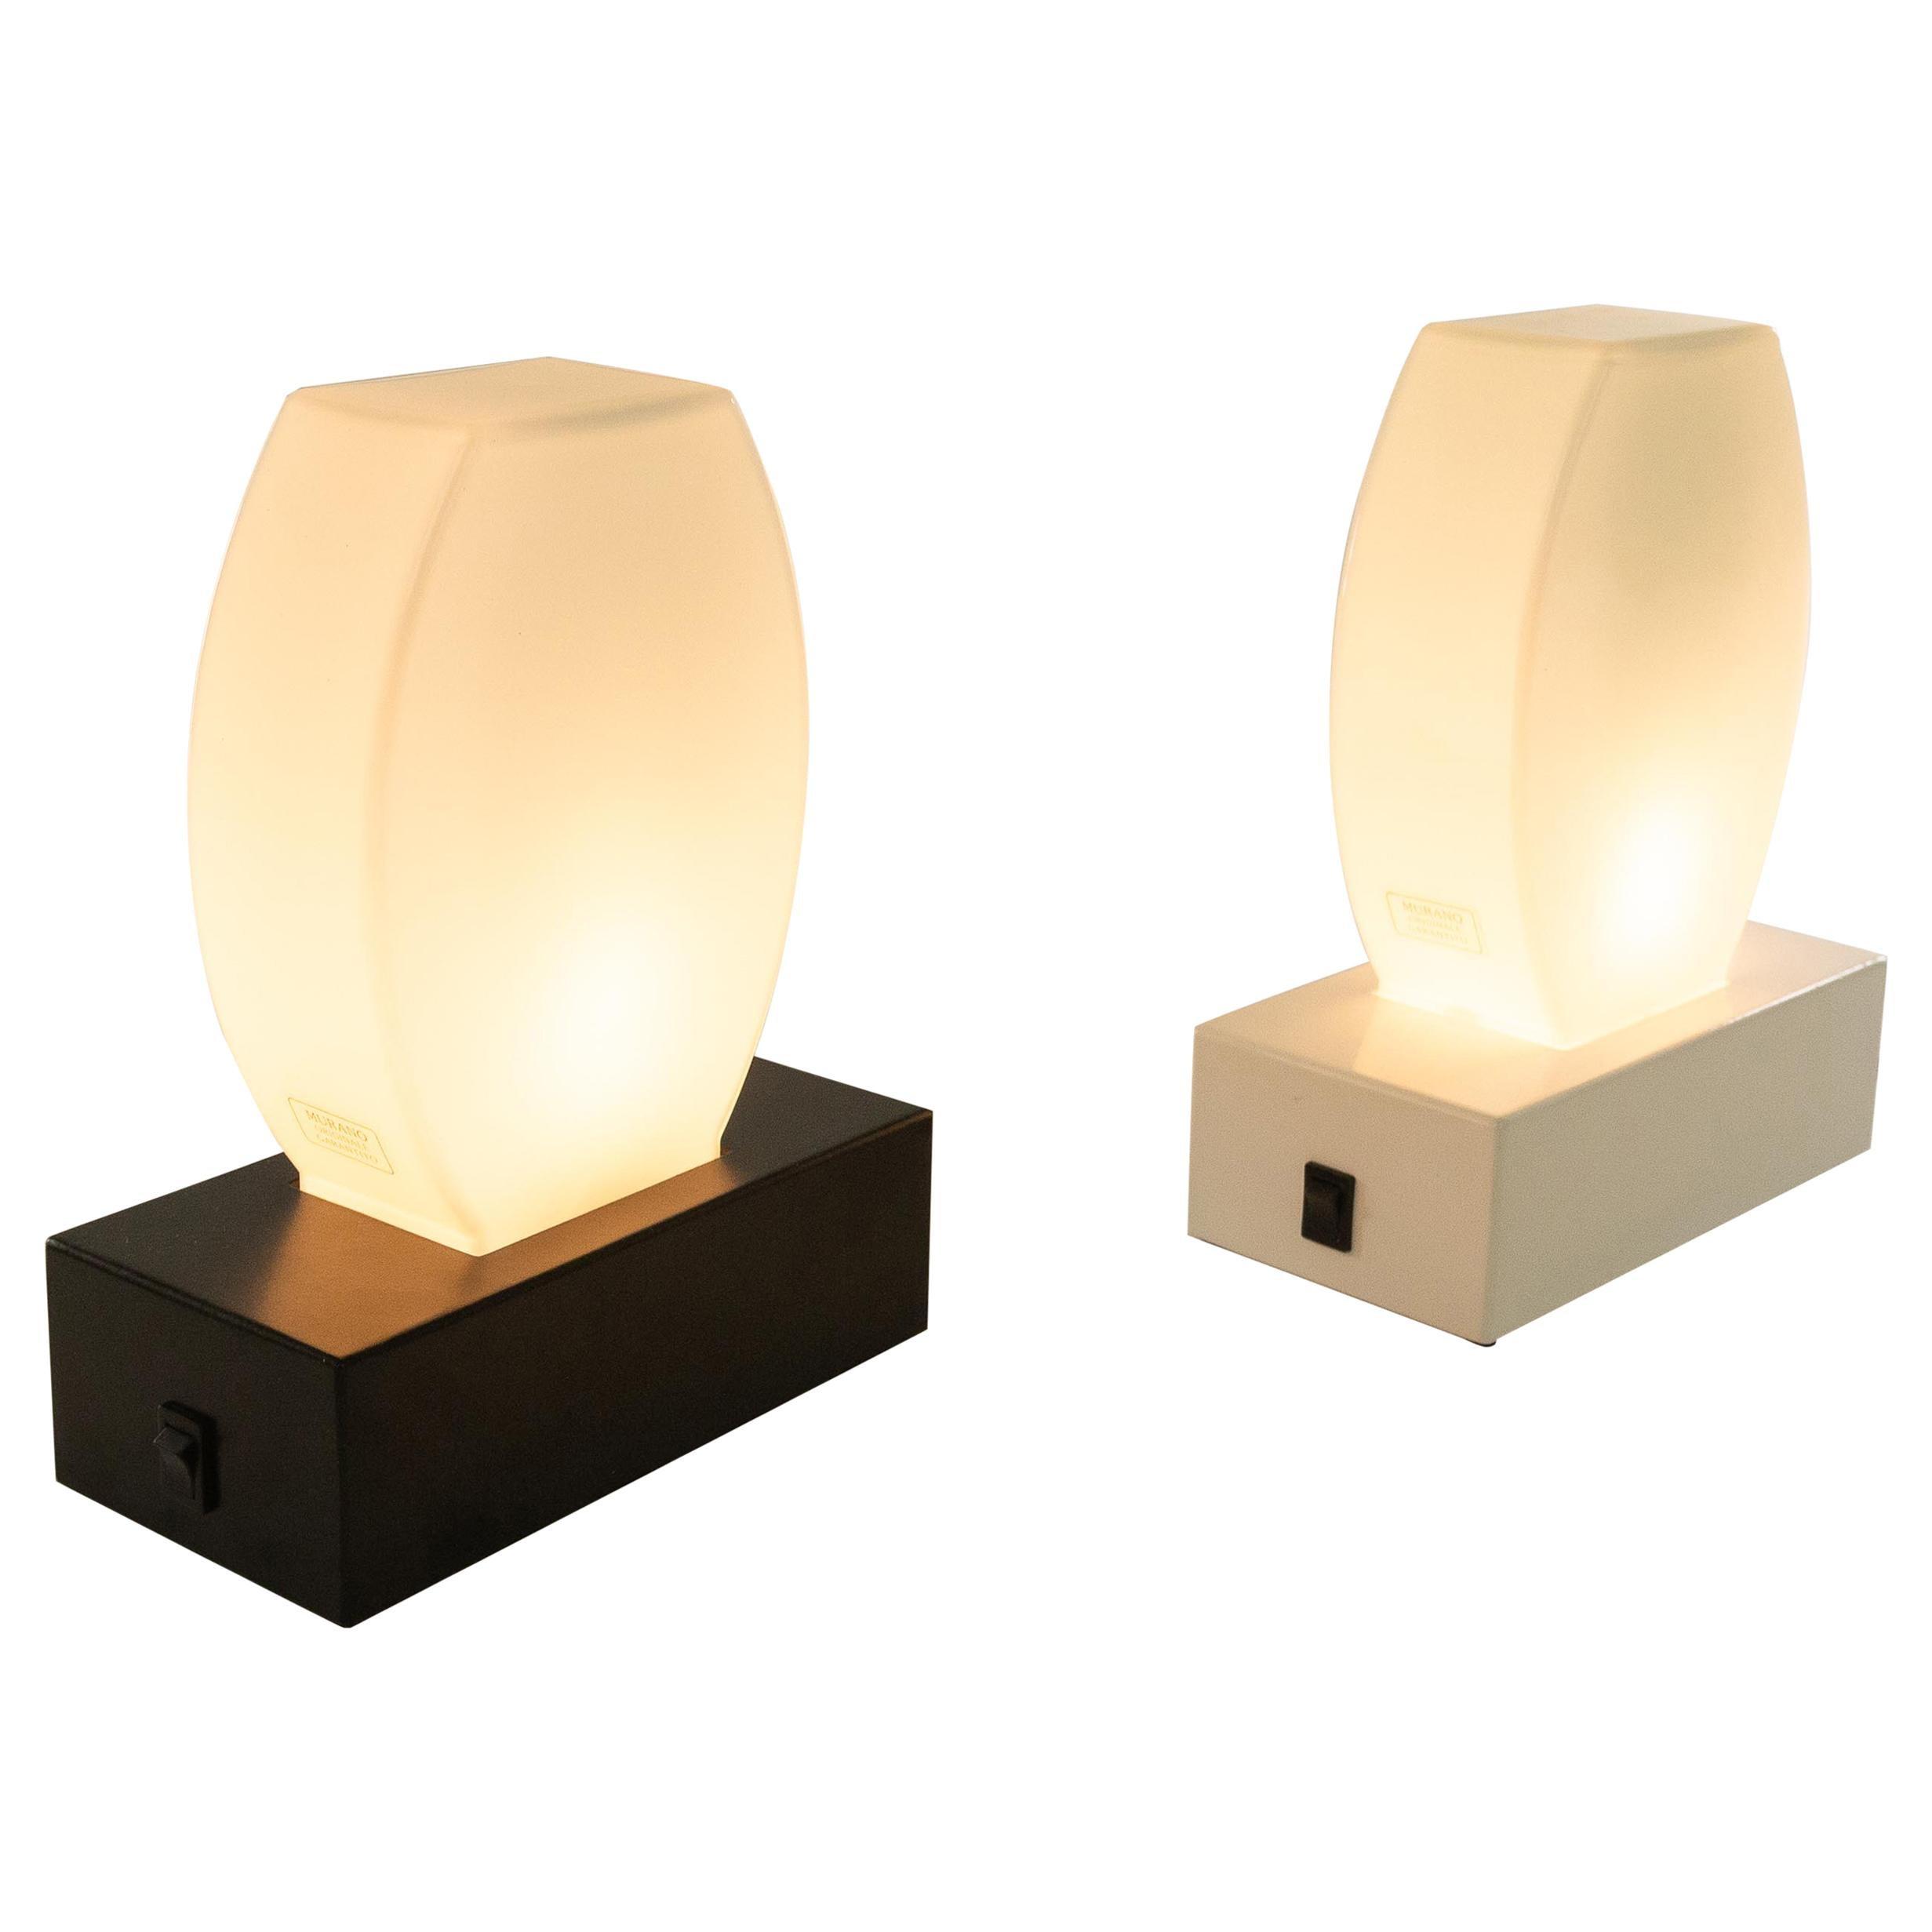 Pair of Dorane Table Lamps by Ettore Sottsass for Stilnovo, 1970s